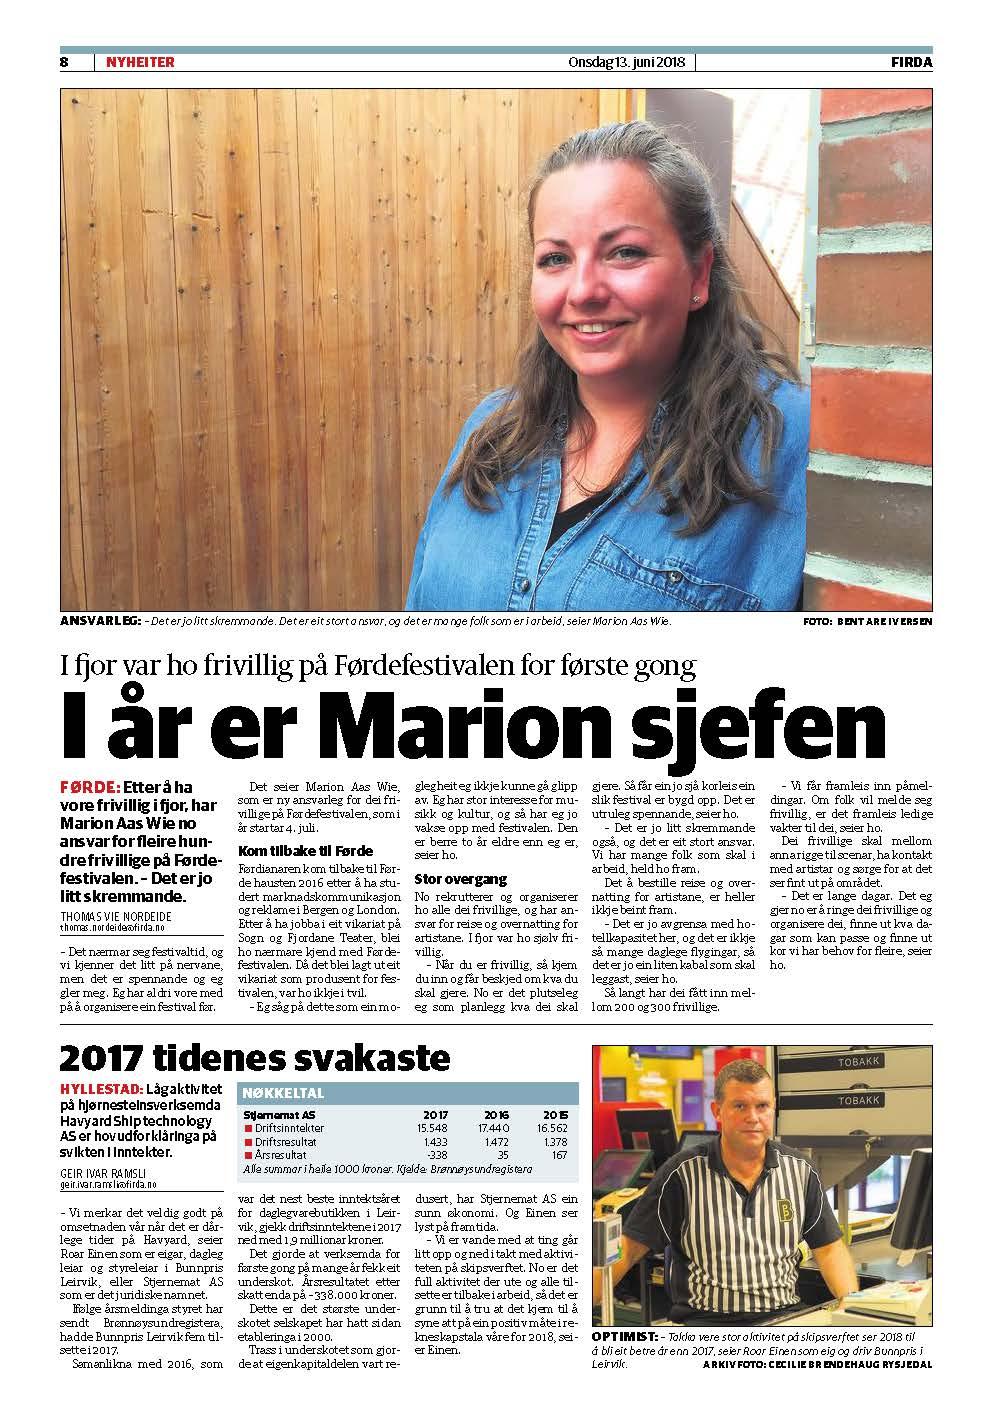 Firda - Marion Aas Wie - sjefen.jpg